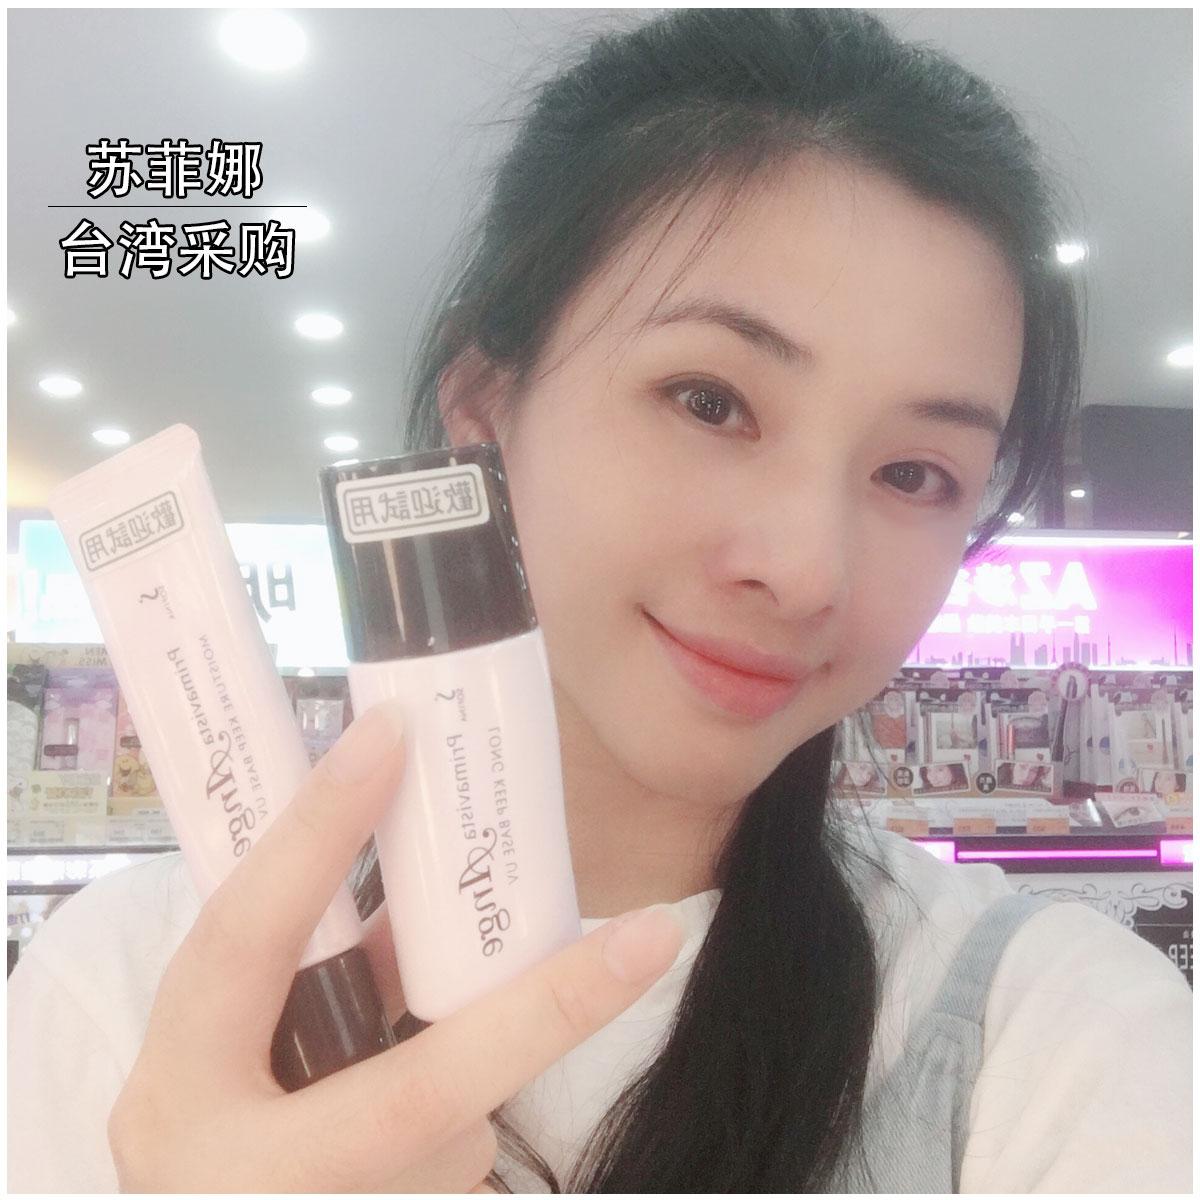 台湾采购 SOFINA苏菲娜Primavista Ange 控油瓷效妆前隔离乳SPF25